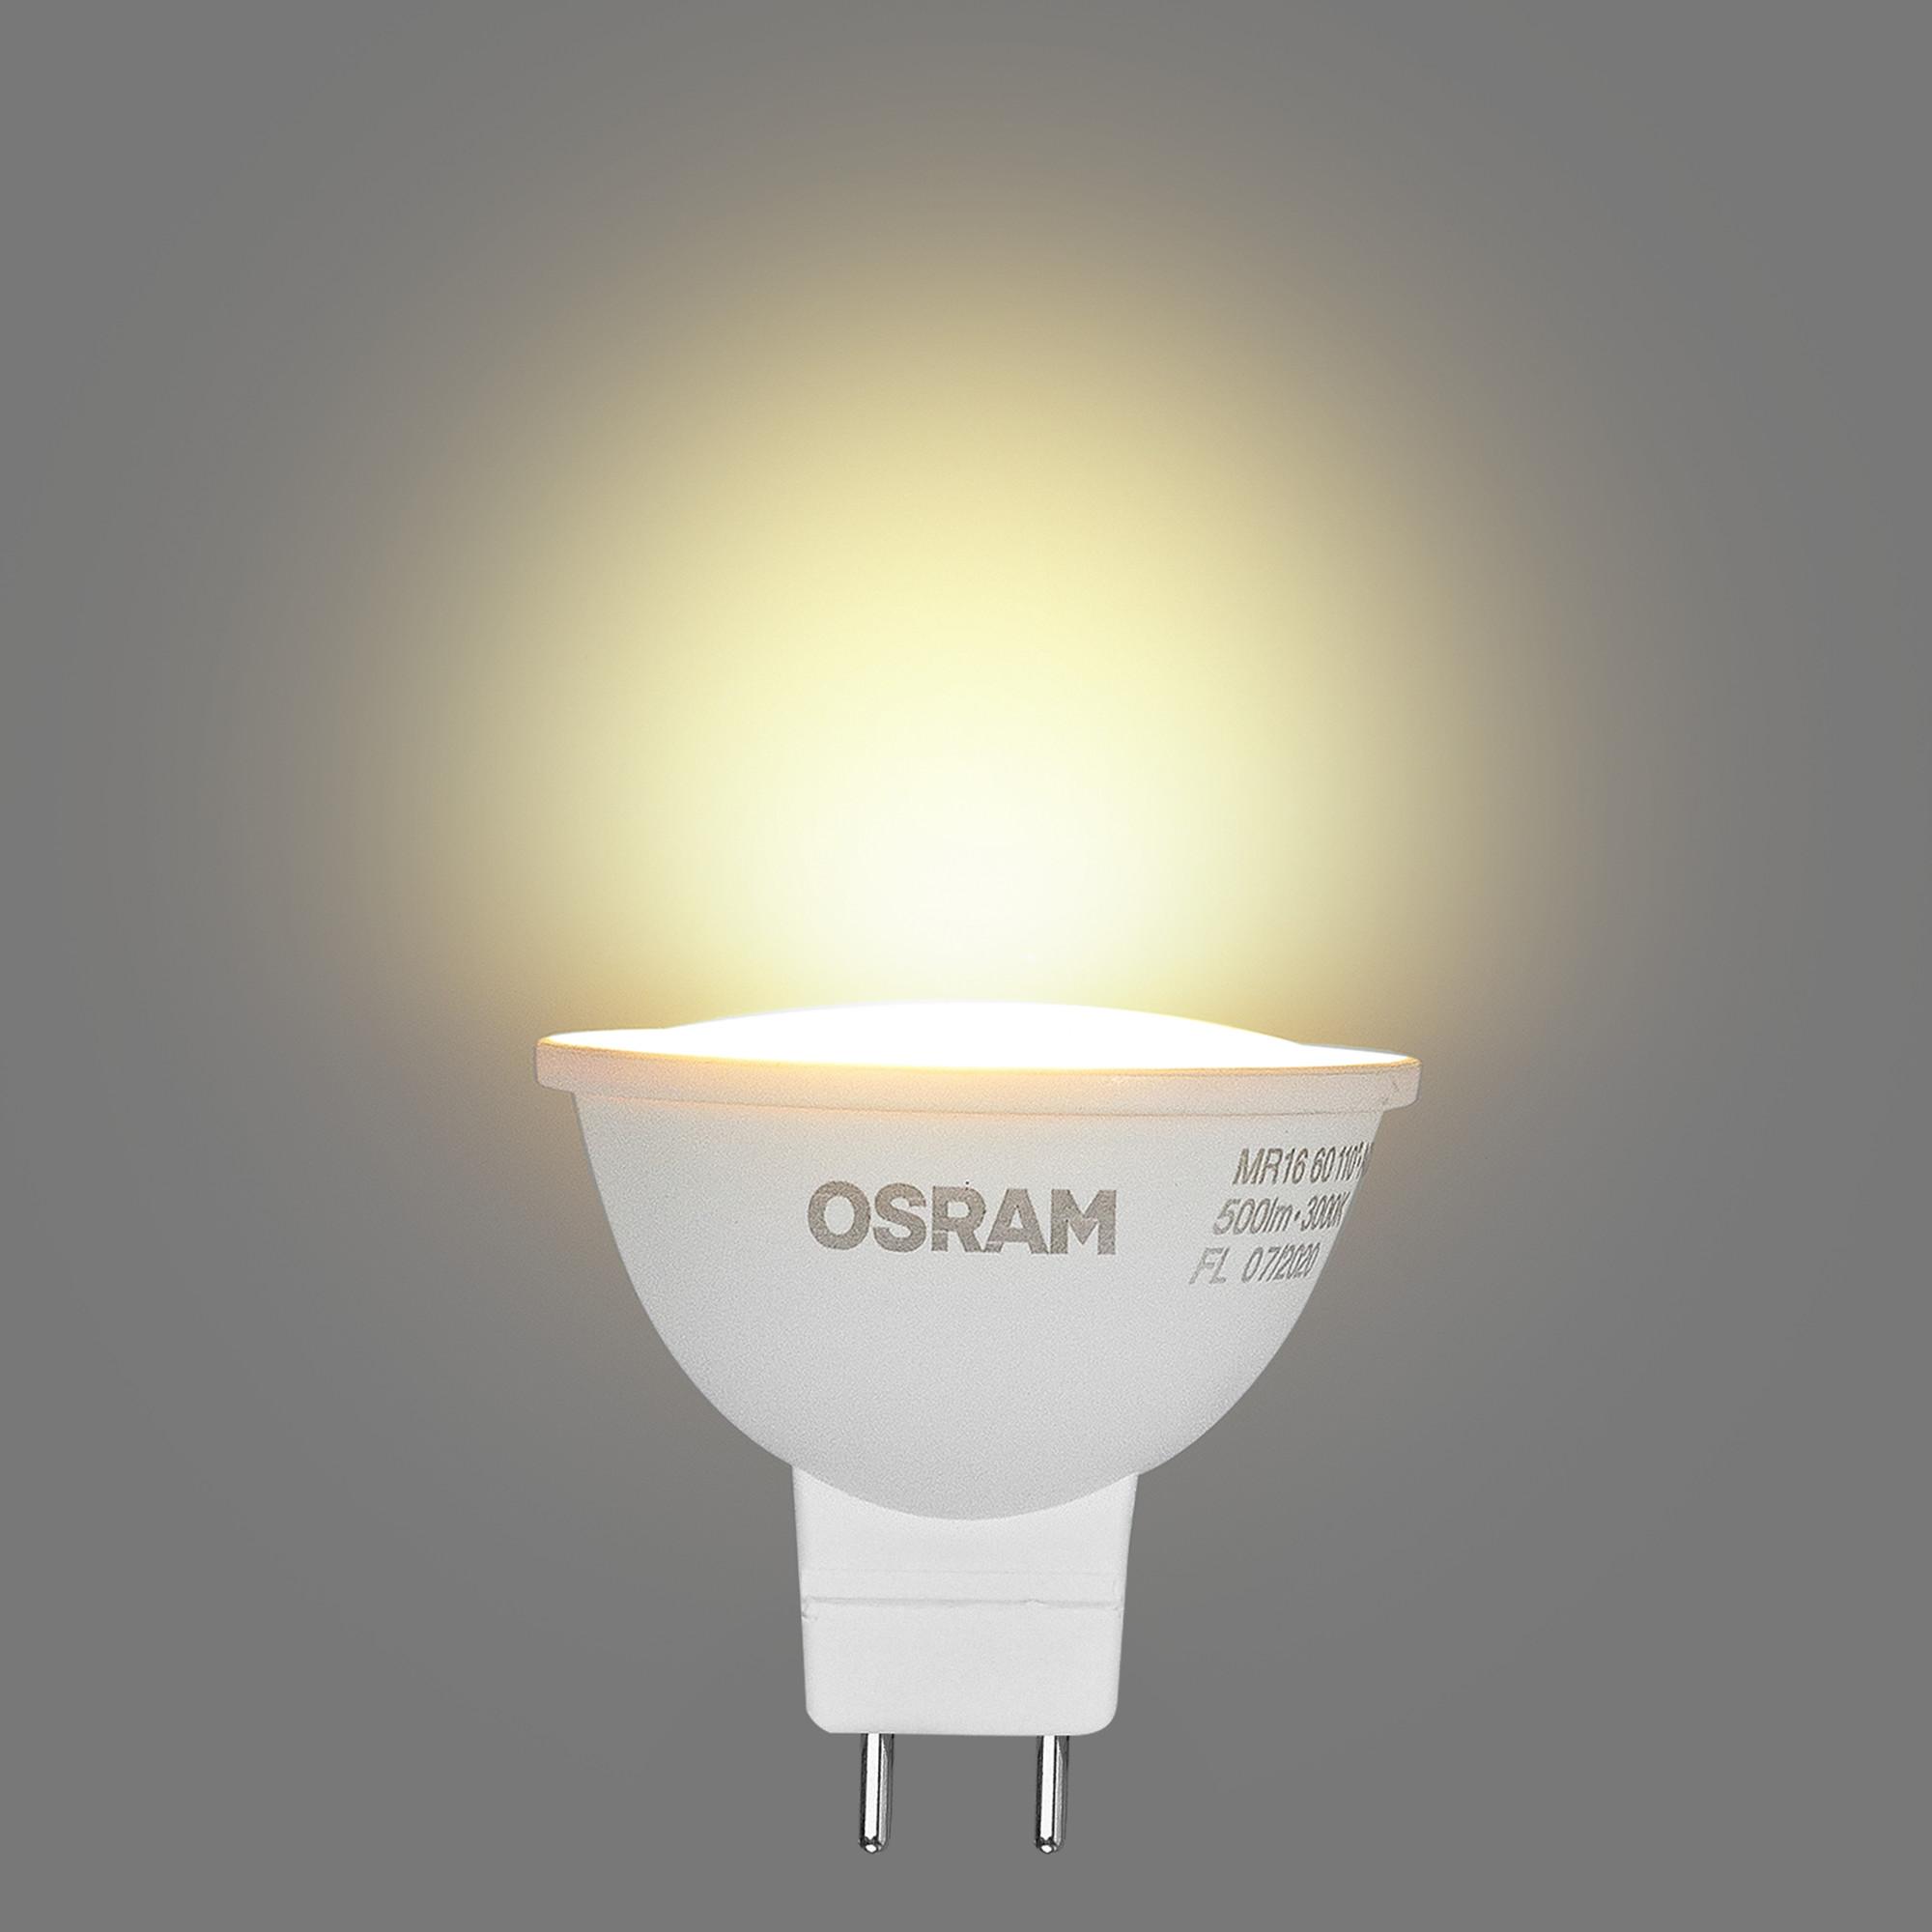 Лампа светодиодная Osram GU5.3 220-240 В 6.5 Вт спот матовая 500 лм тёплый белый свет